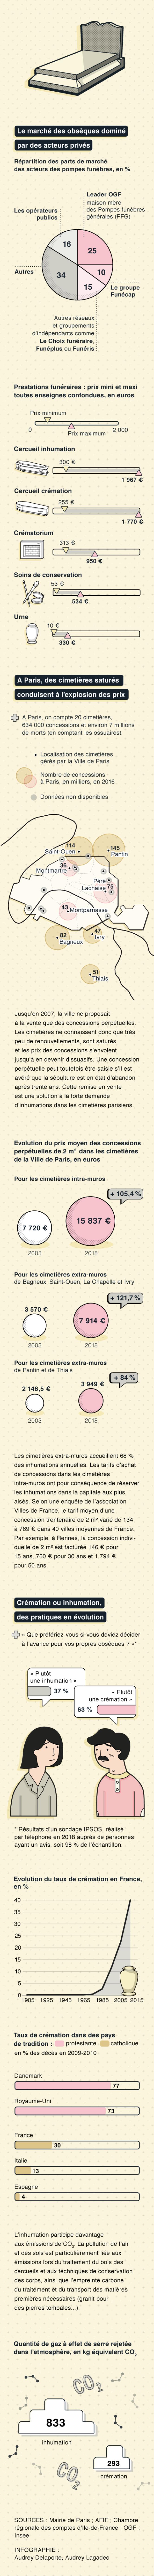 Infographie sur le marché funéraire en France, le prix des concessions, les différentes pratiques, de la crémation à l'inhumation.